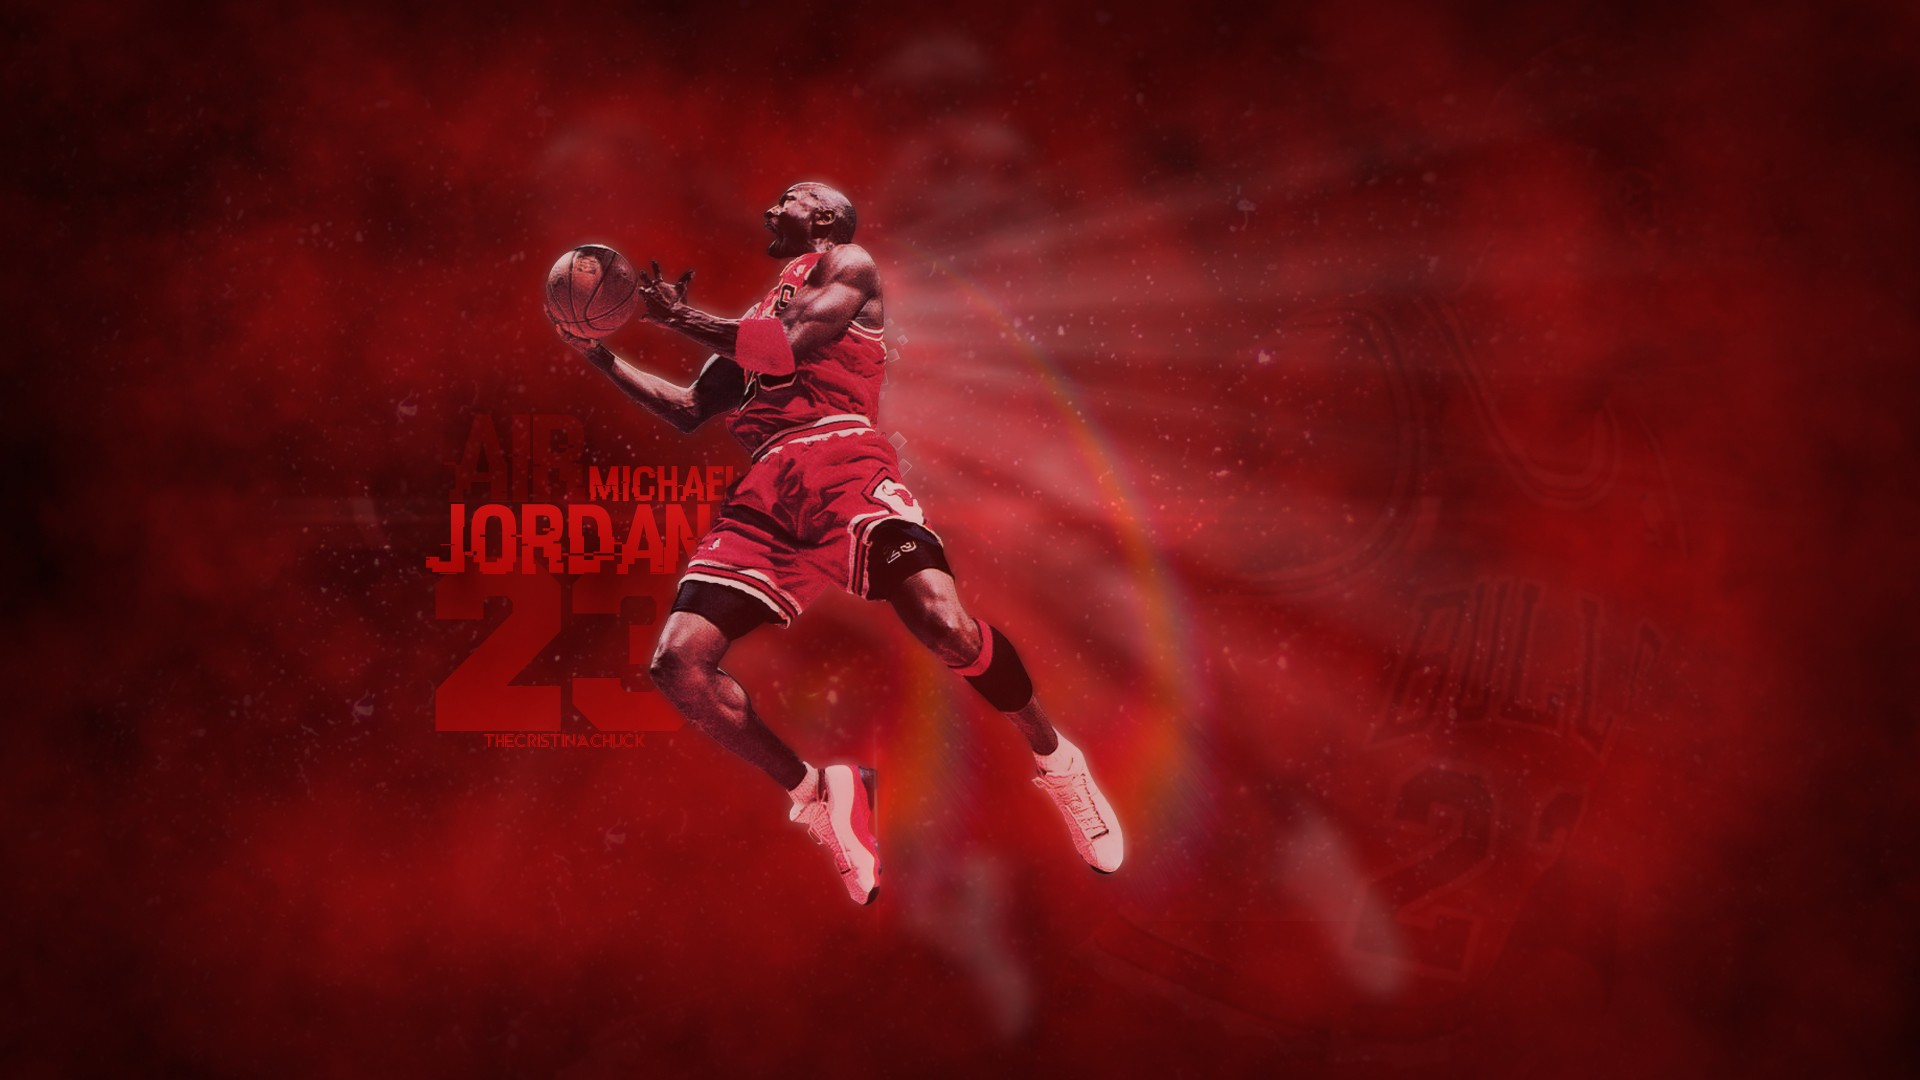 Michael Jordan Wallpapers Photo